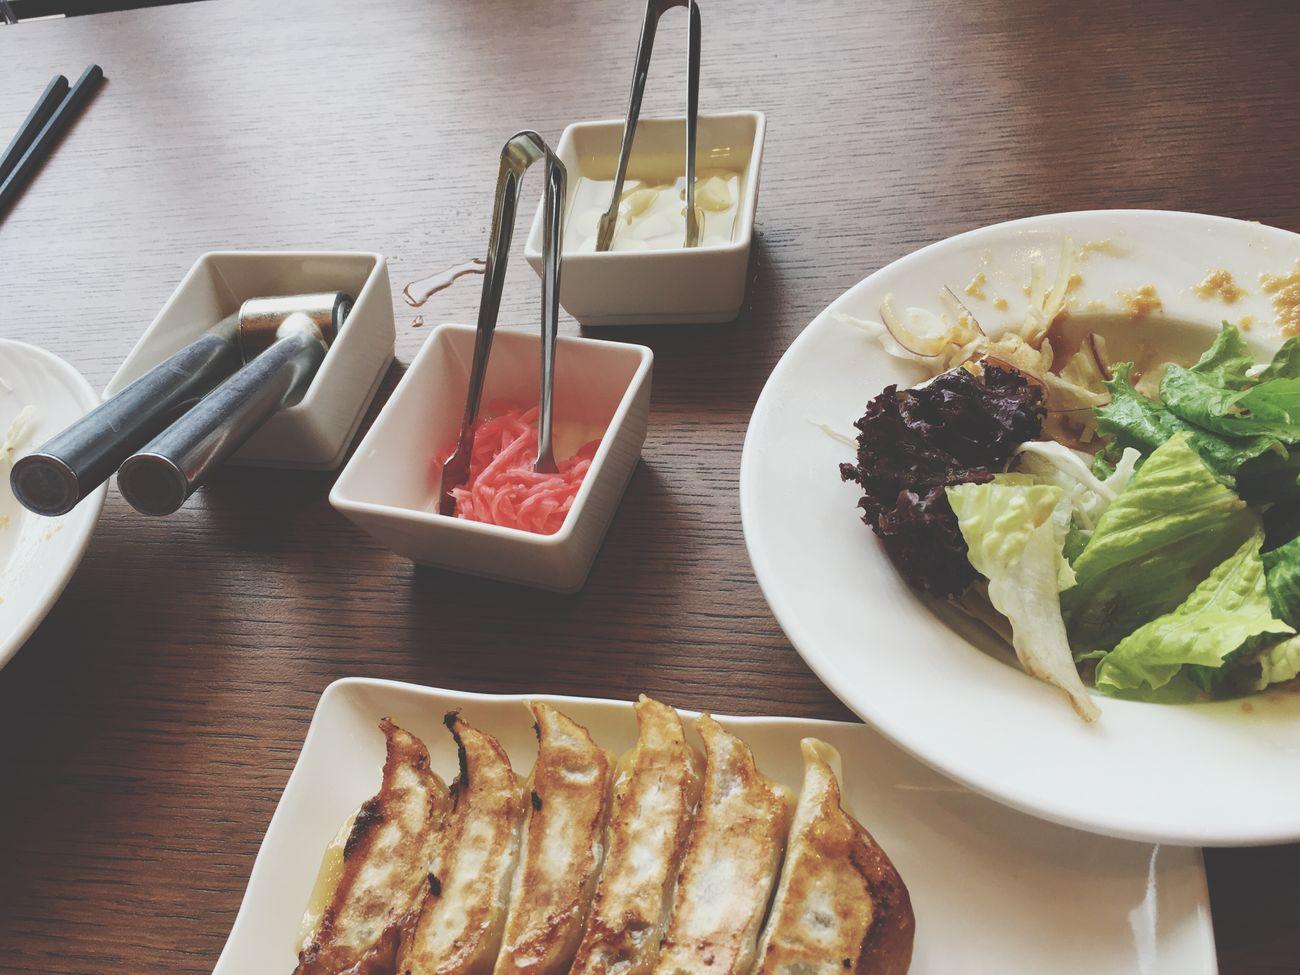 午餐 日式料理 煎餃 Kaohsiung たかお 臺灣 高雄 五月 Taiwan Taiwanese 台湾 May 大魯閣草衙道 一風堂